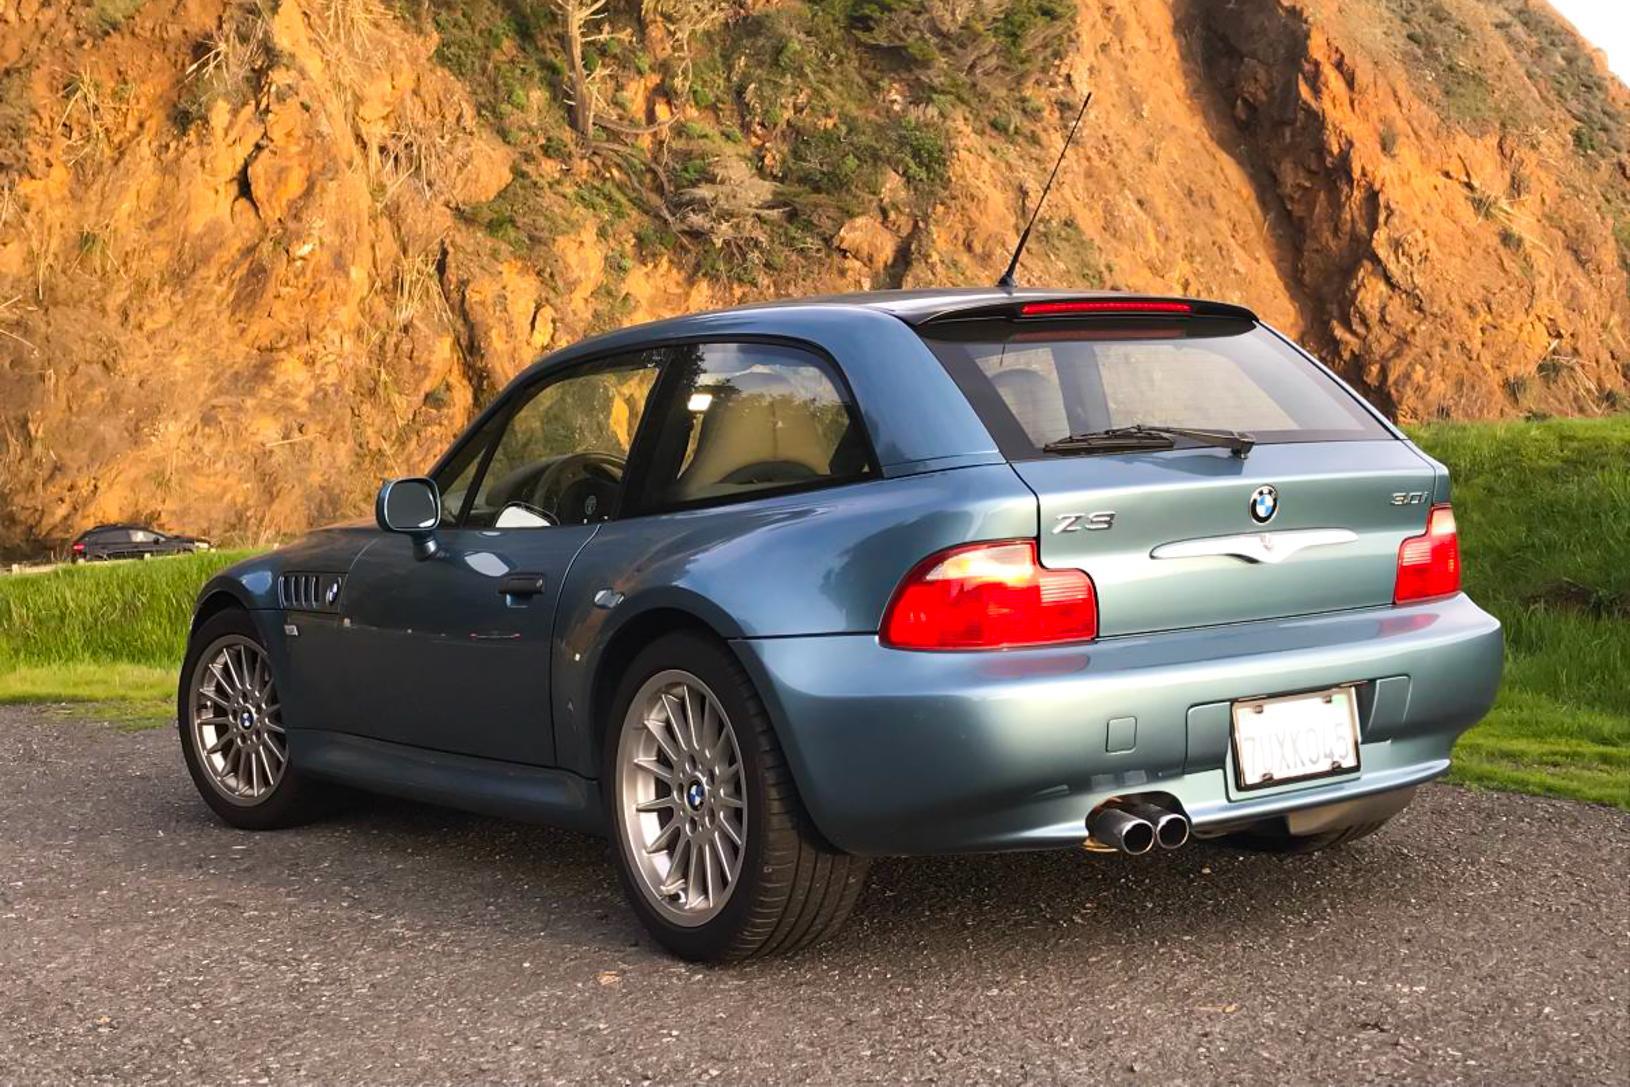 2001 BMW Z3 Coupe